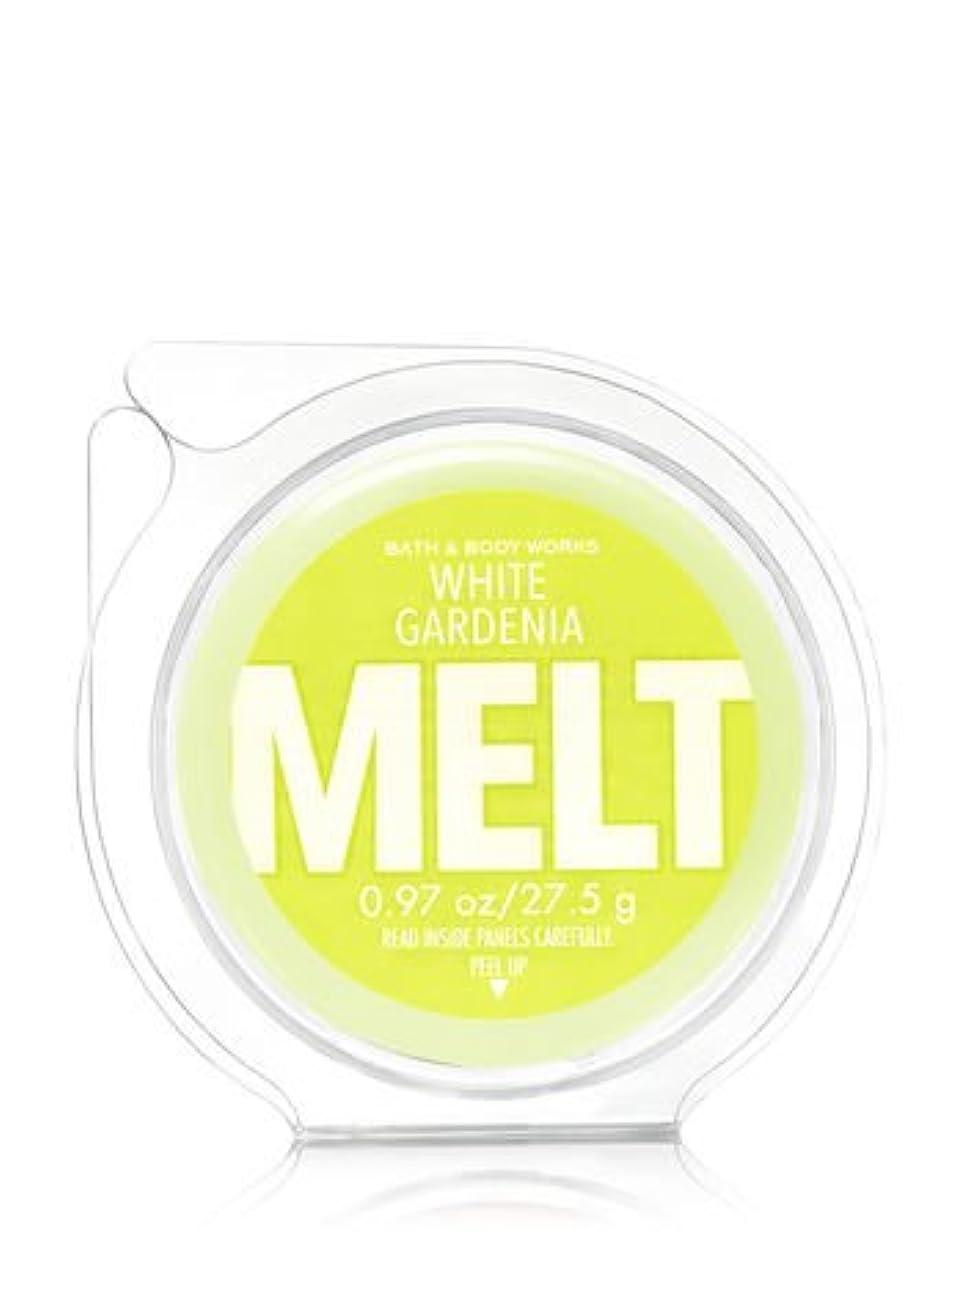 レモン海藻腕【Bath&Body Works/バス&ボディワークス】 フレグランスメルト タルト ワックスポプリ ホワイトガーデニア Wax Fragrance Melt White Gardenia 0.97oz / 27.5g